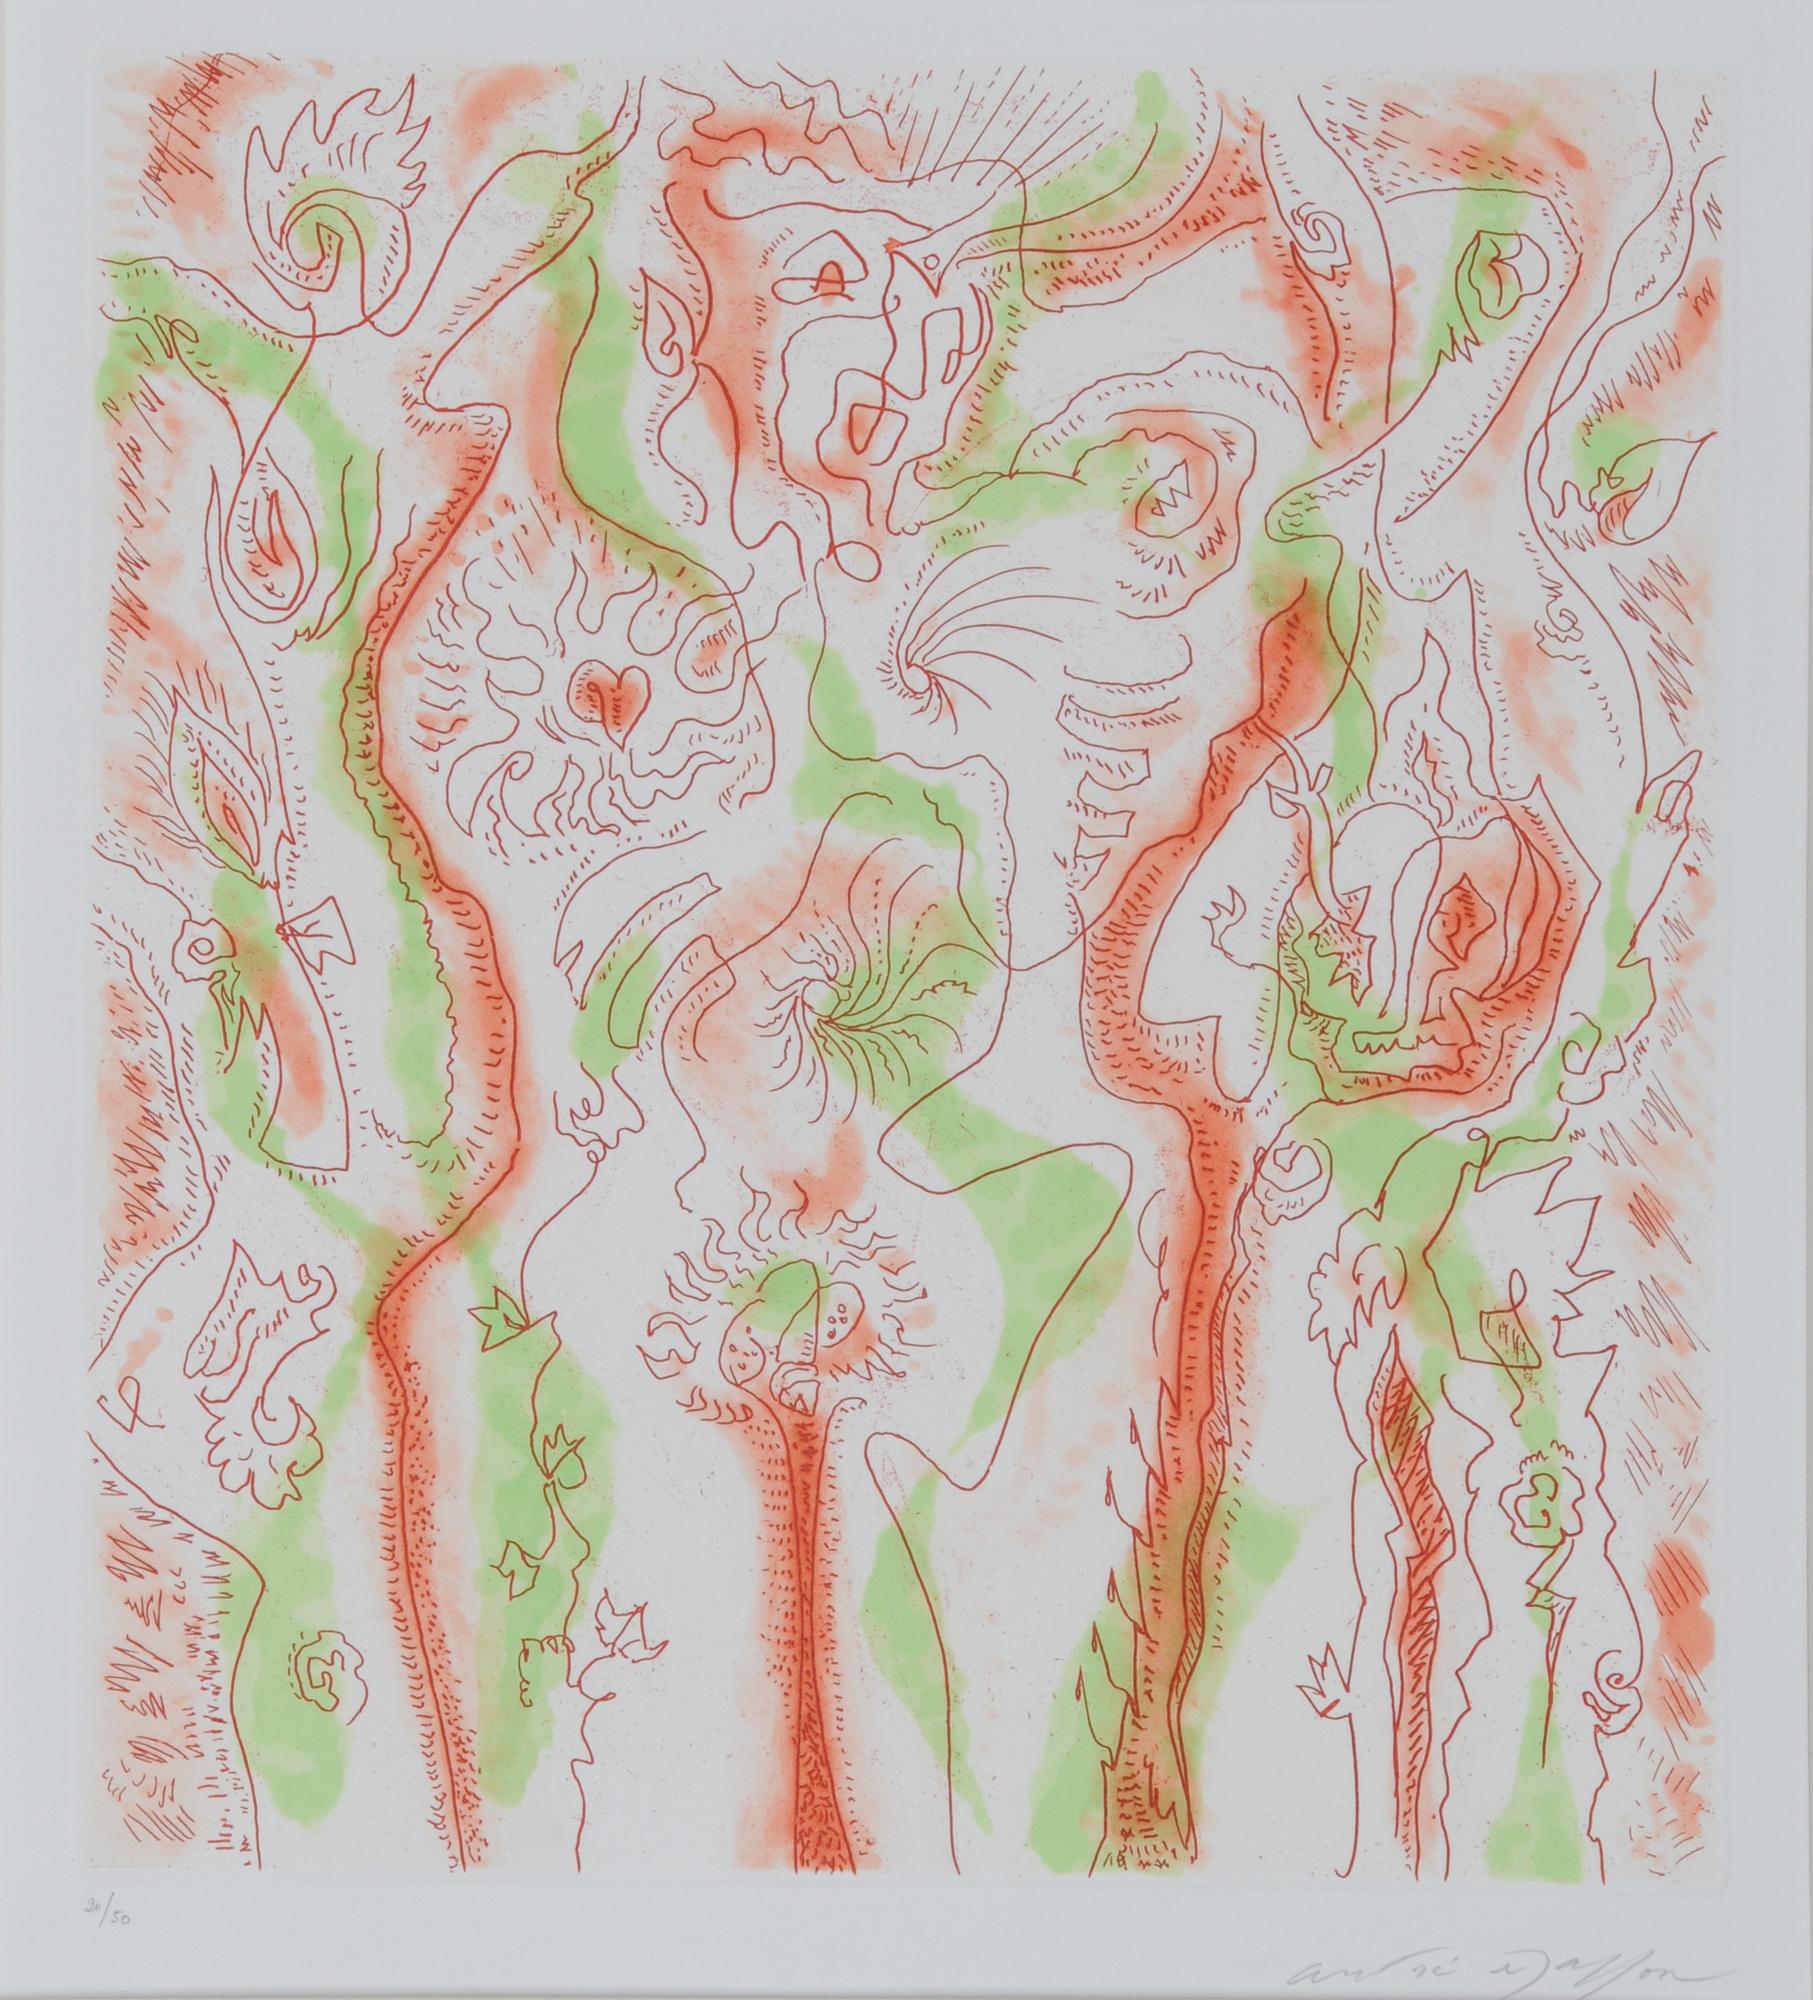 Masson André, L'homme et l'arbre